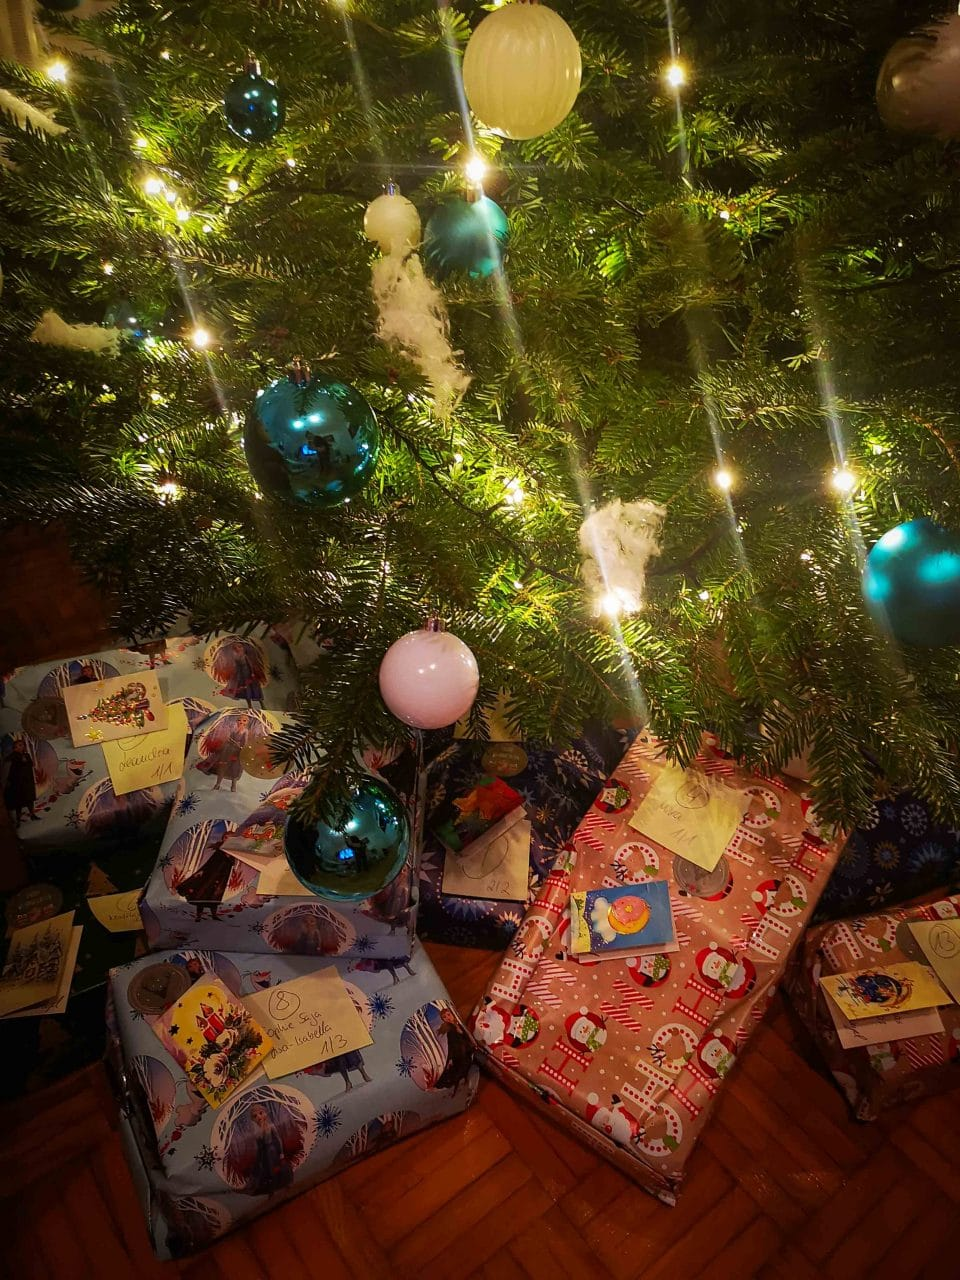 Weihnachtsengel für bedürftige Kinder, 90 Weihnachtsgeschenke für bedürftige Kinder